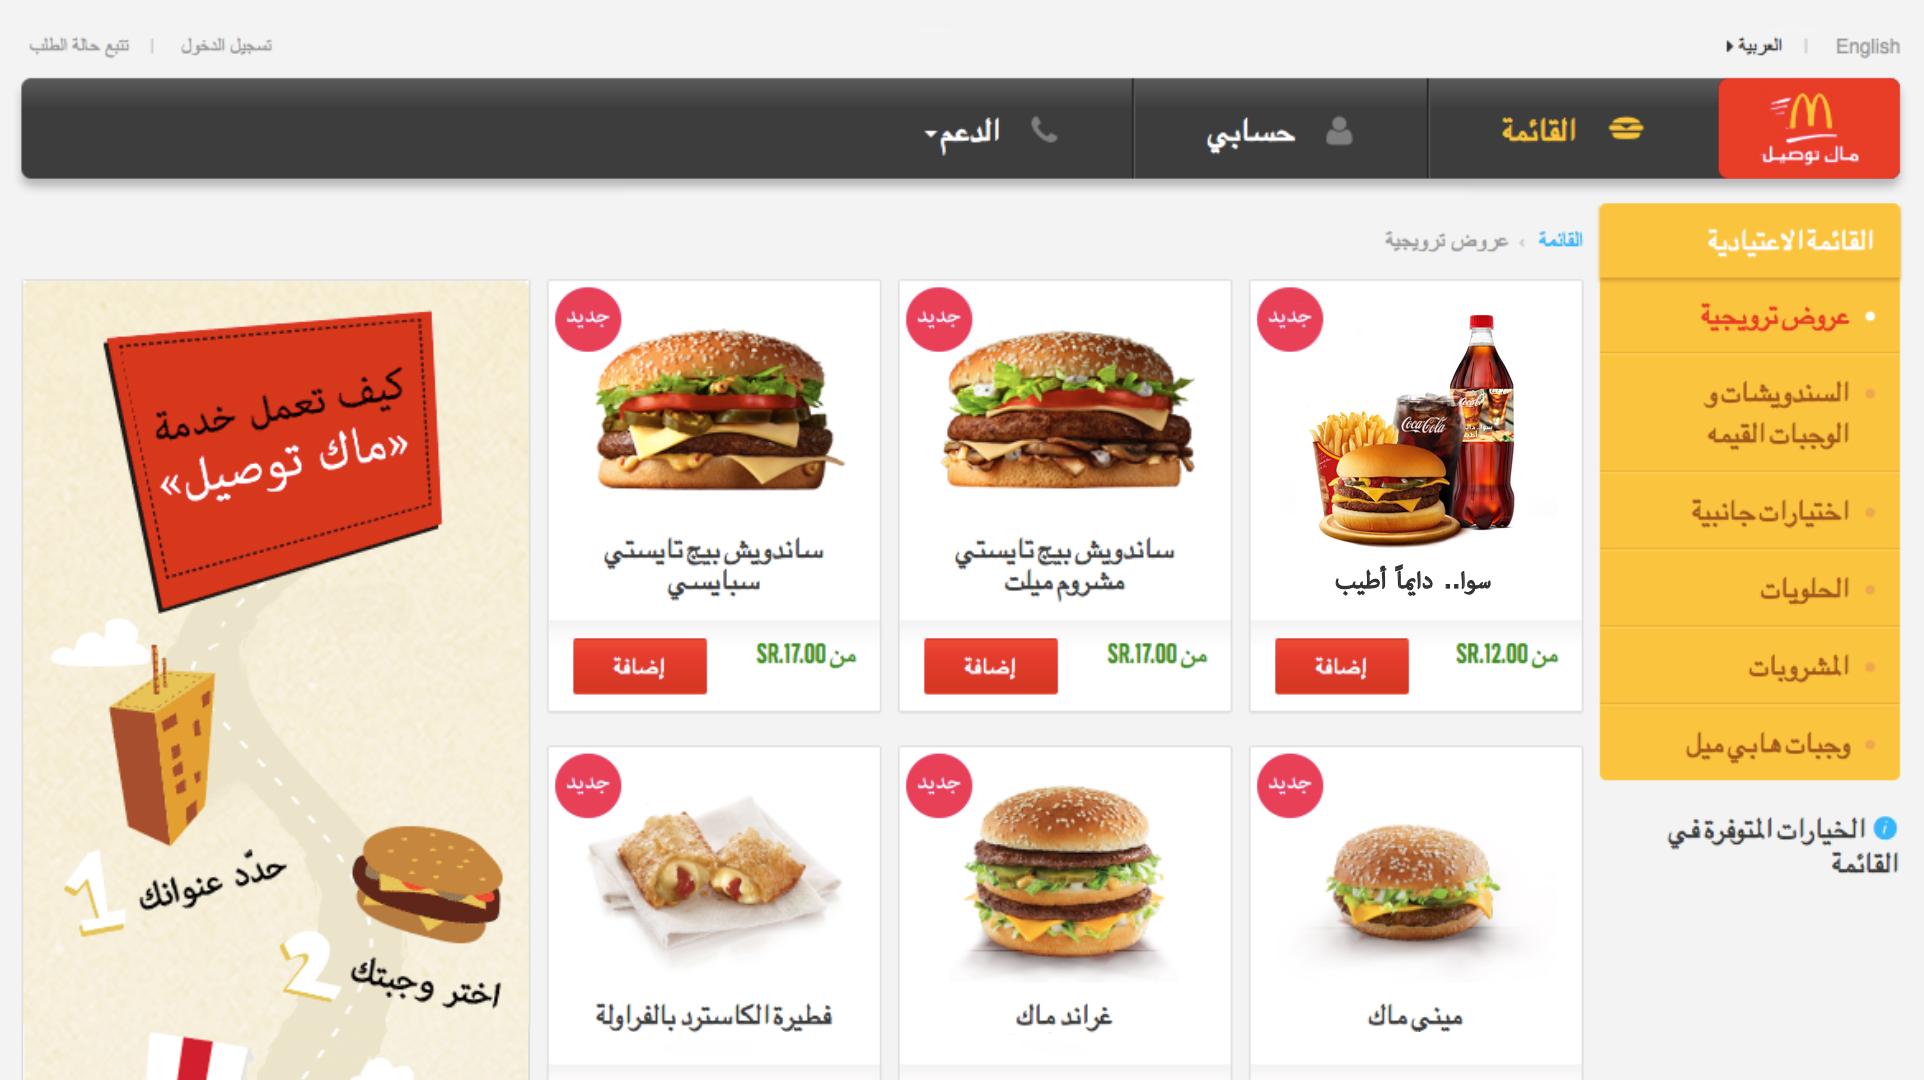 web_KSA.jpg